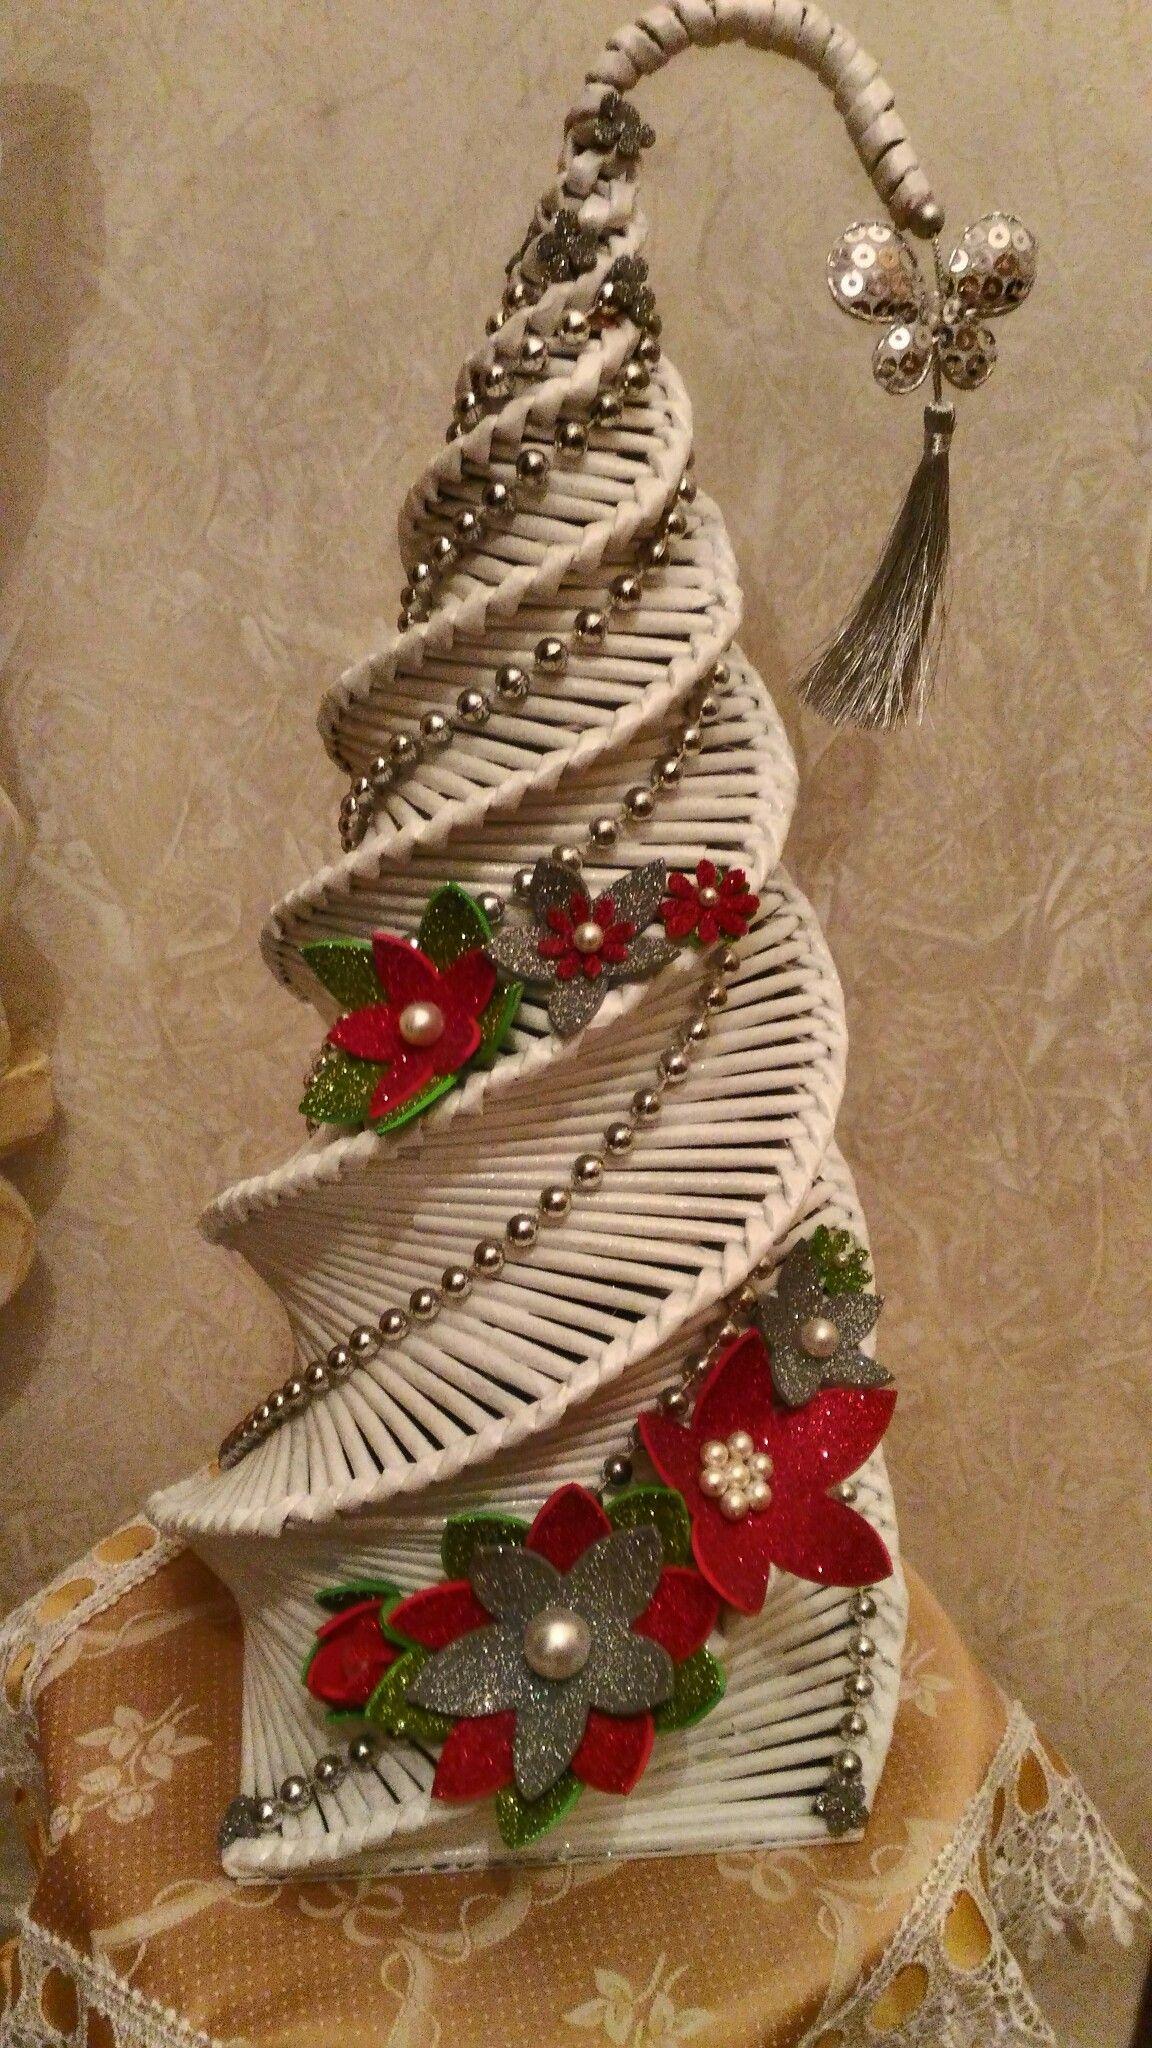 Albero Di Natale Con Cannucce Di Carta.Albero Intrecciato Con Cannucce Di Carta Alberi Di Natale Di Carta Artigianato Natalizio Carta Di Natale